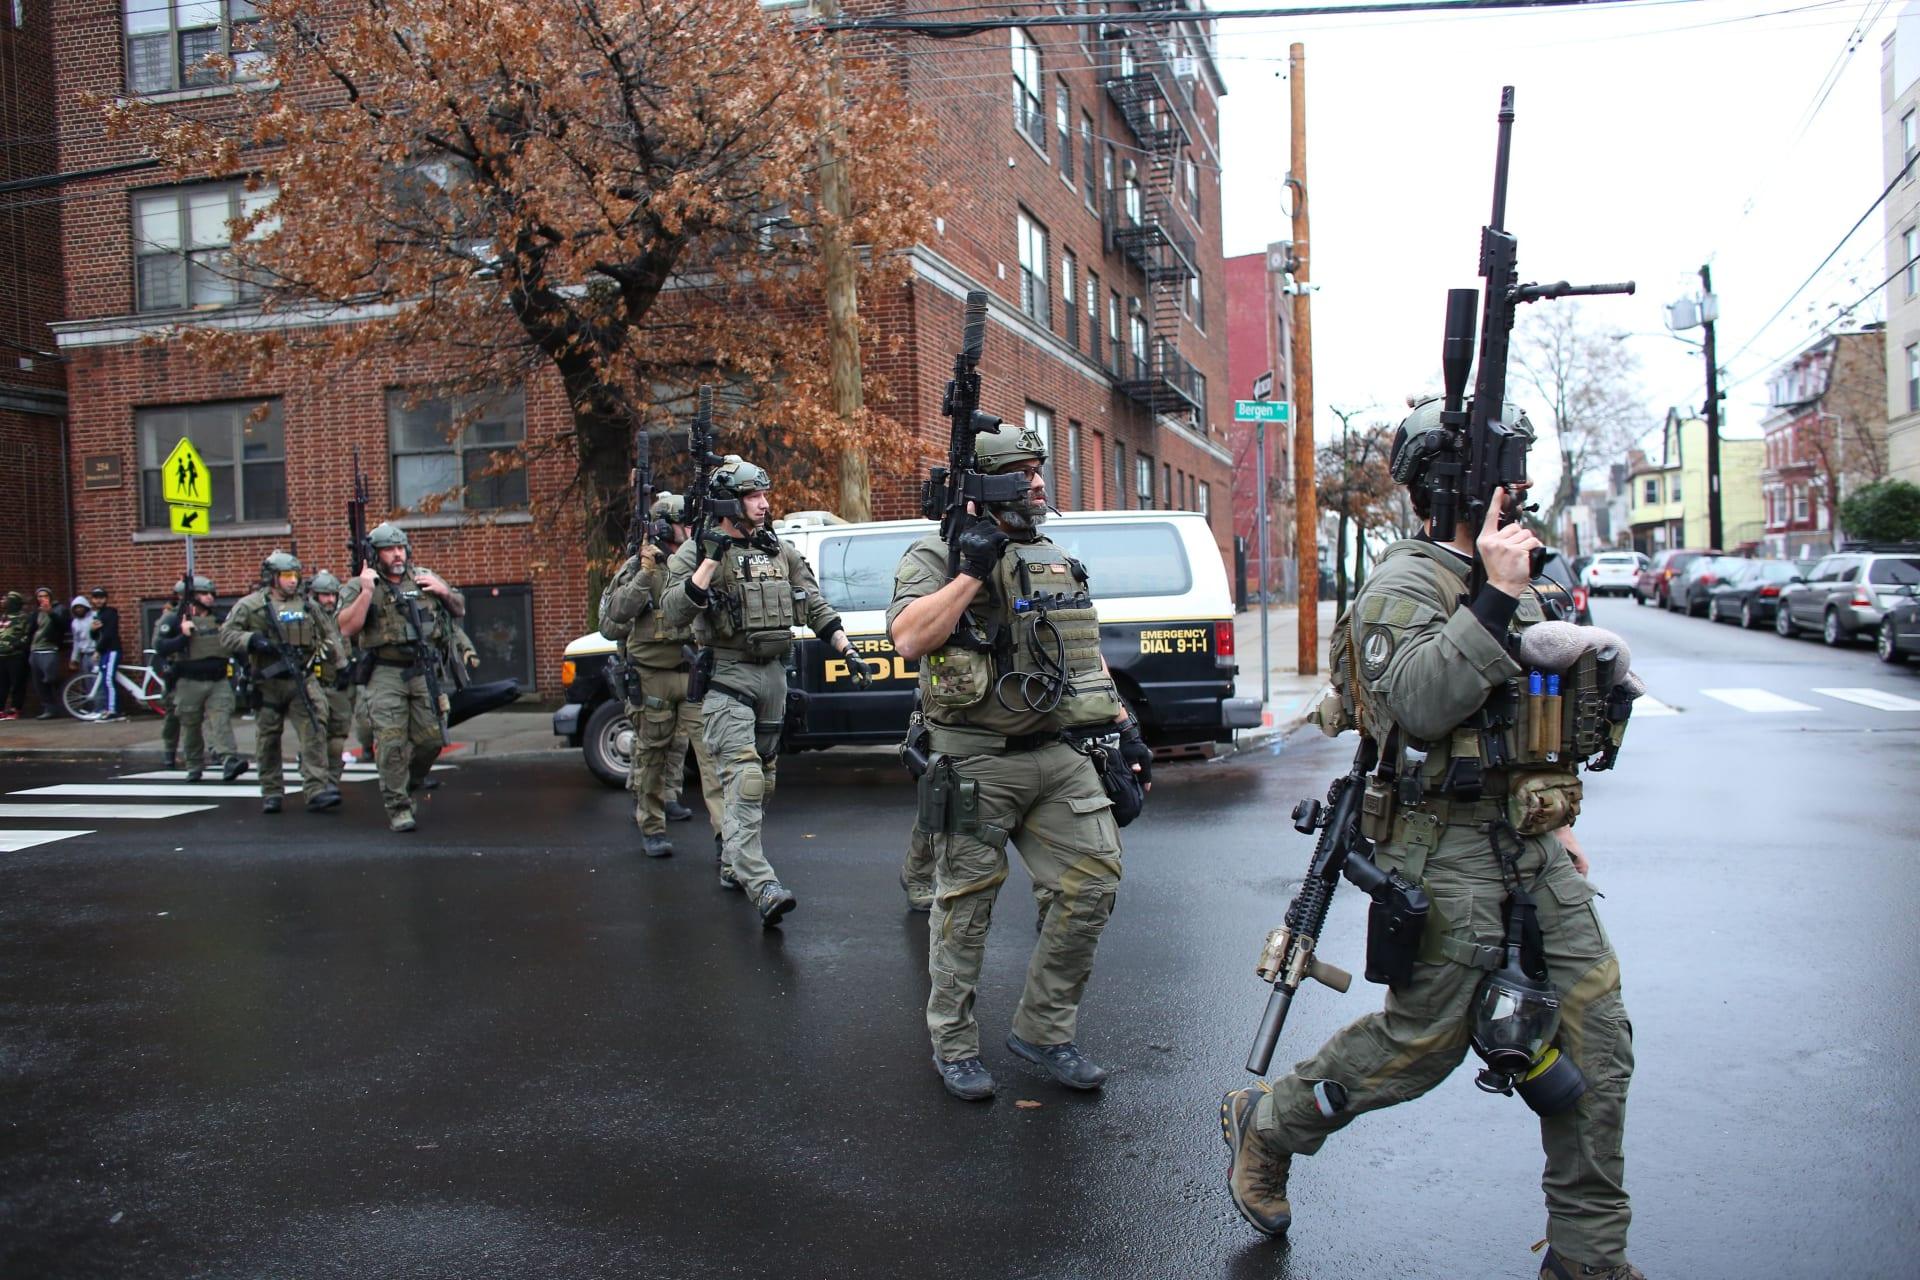 عناصر الشرطة في ولاية نيوجيرسي خلال تبادل إطلاق النار مع مسلحين اثنين